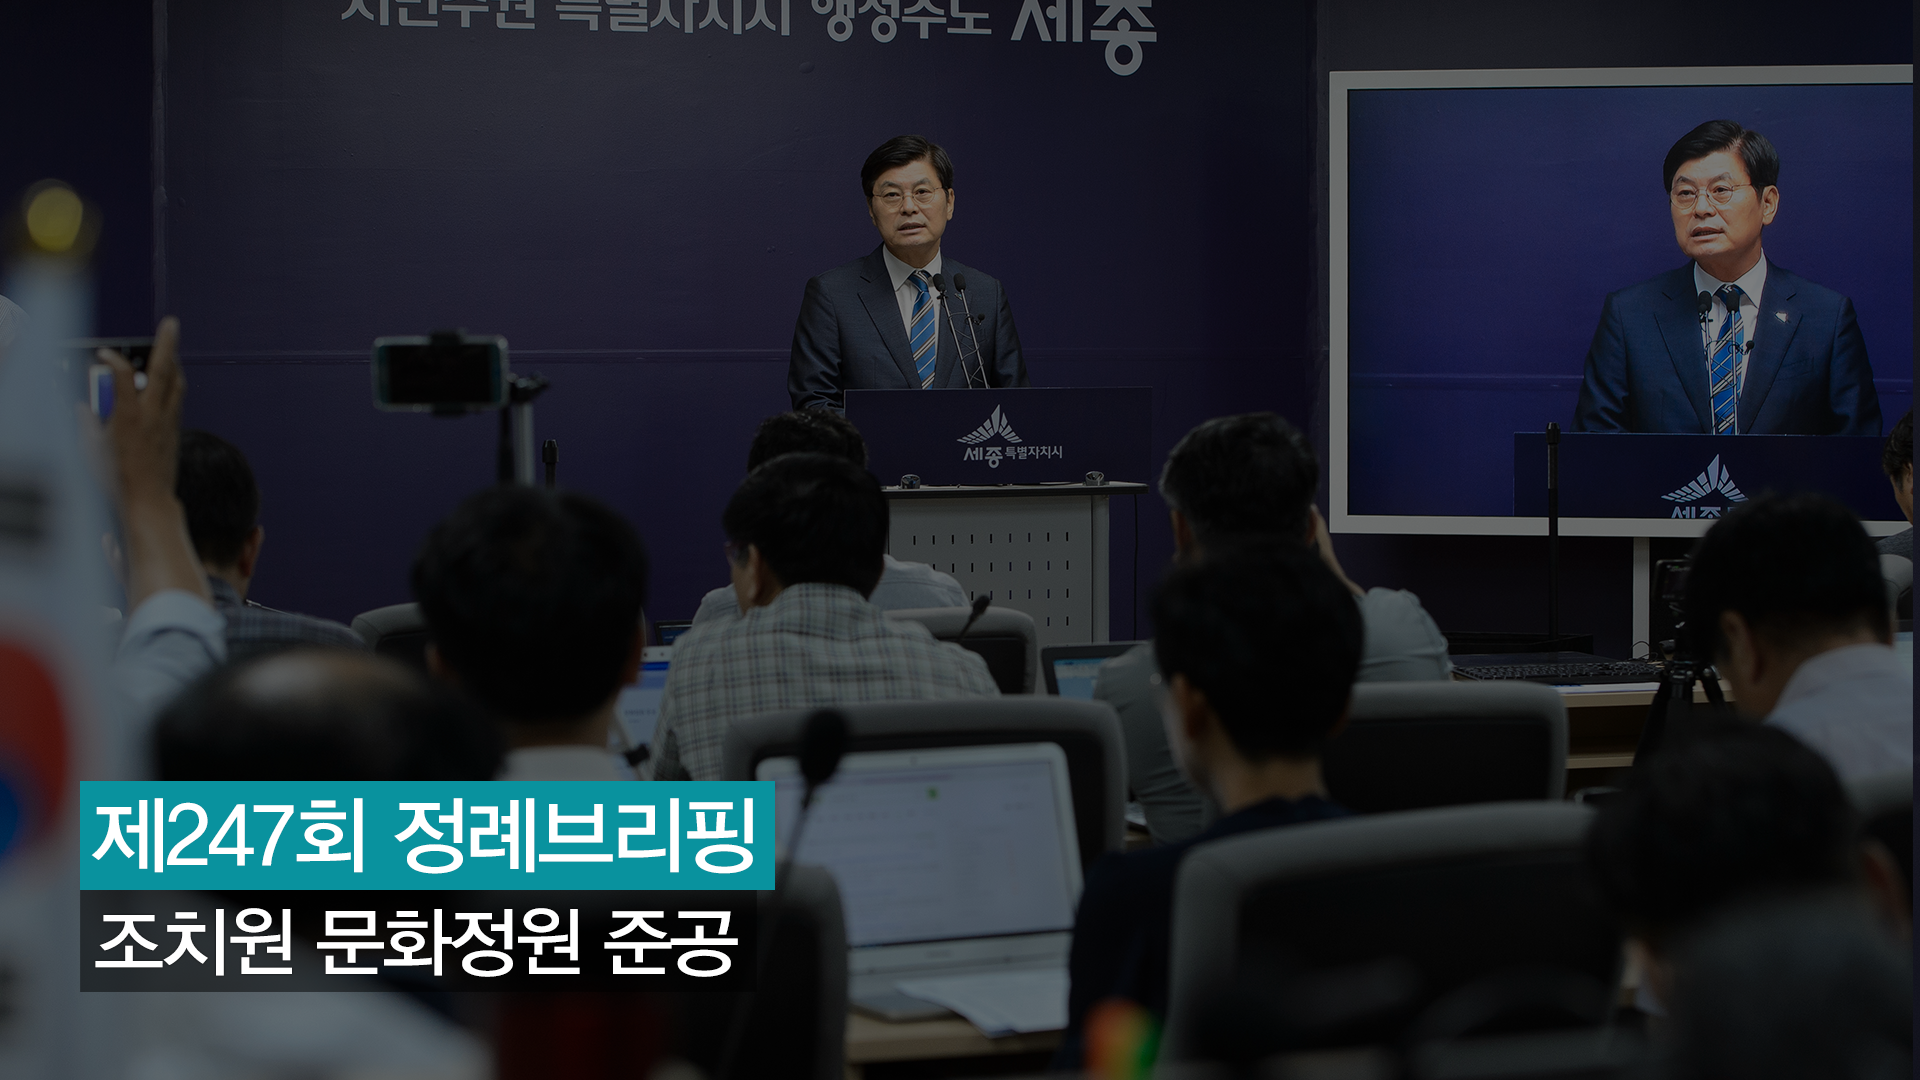 <247번째 정례브리핑> 조치원 문화정원 준공